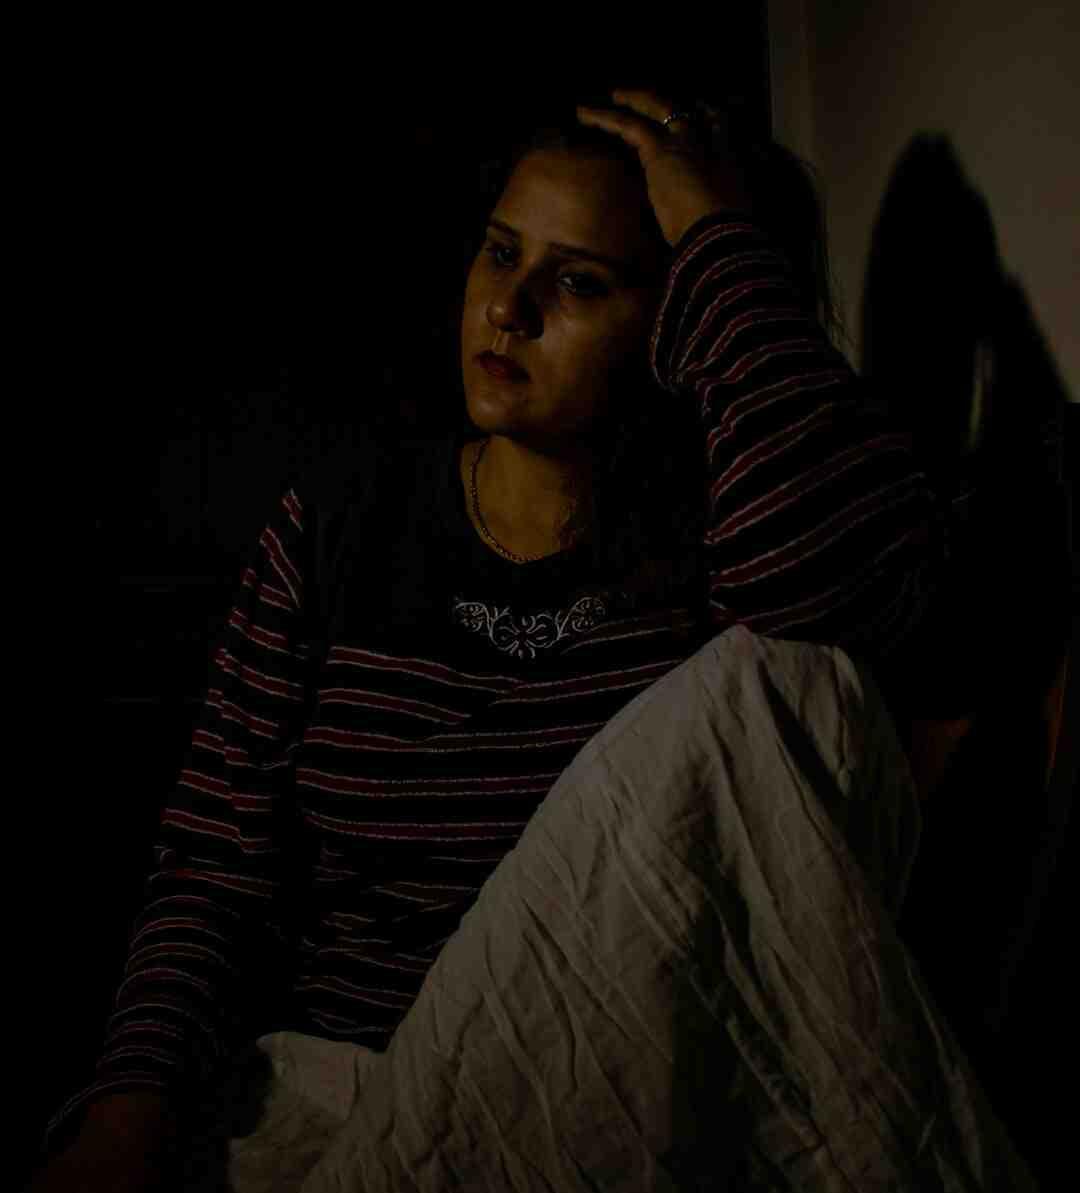 Comment punir un ado de 15 ans ?